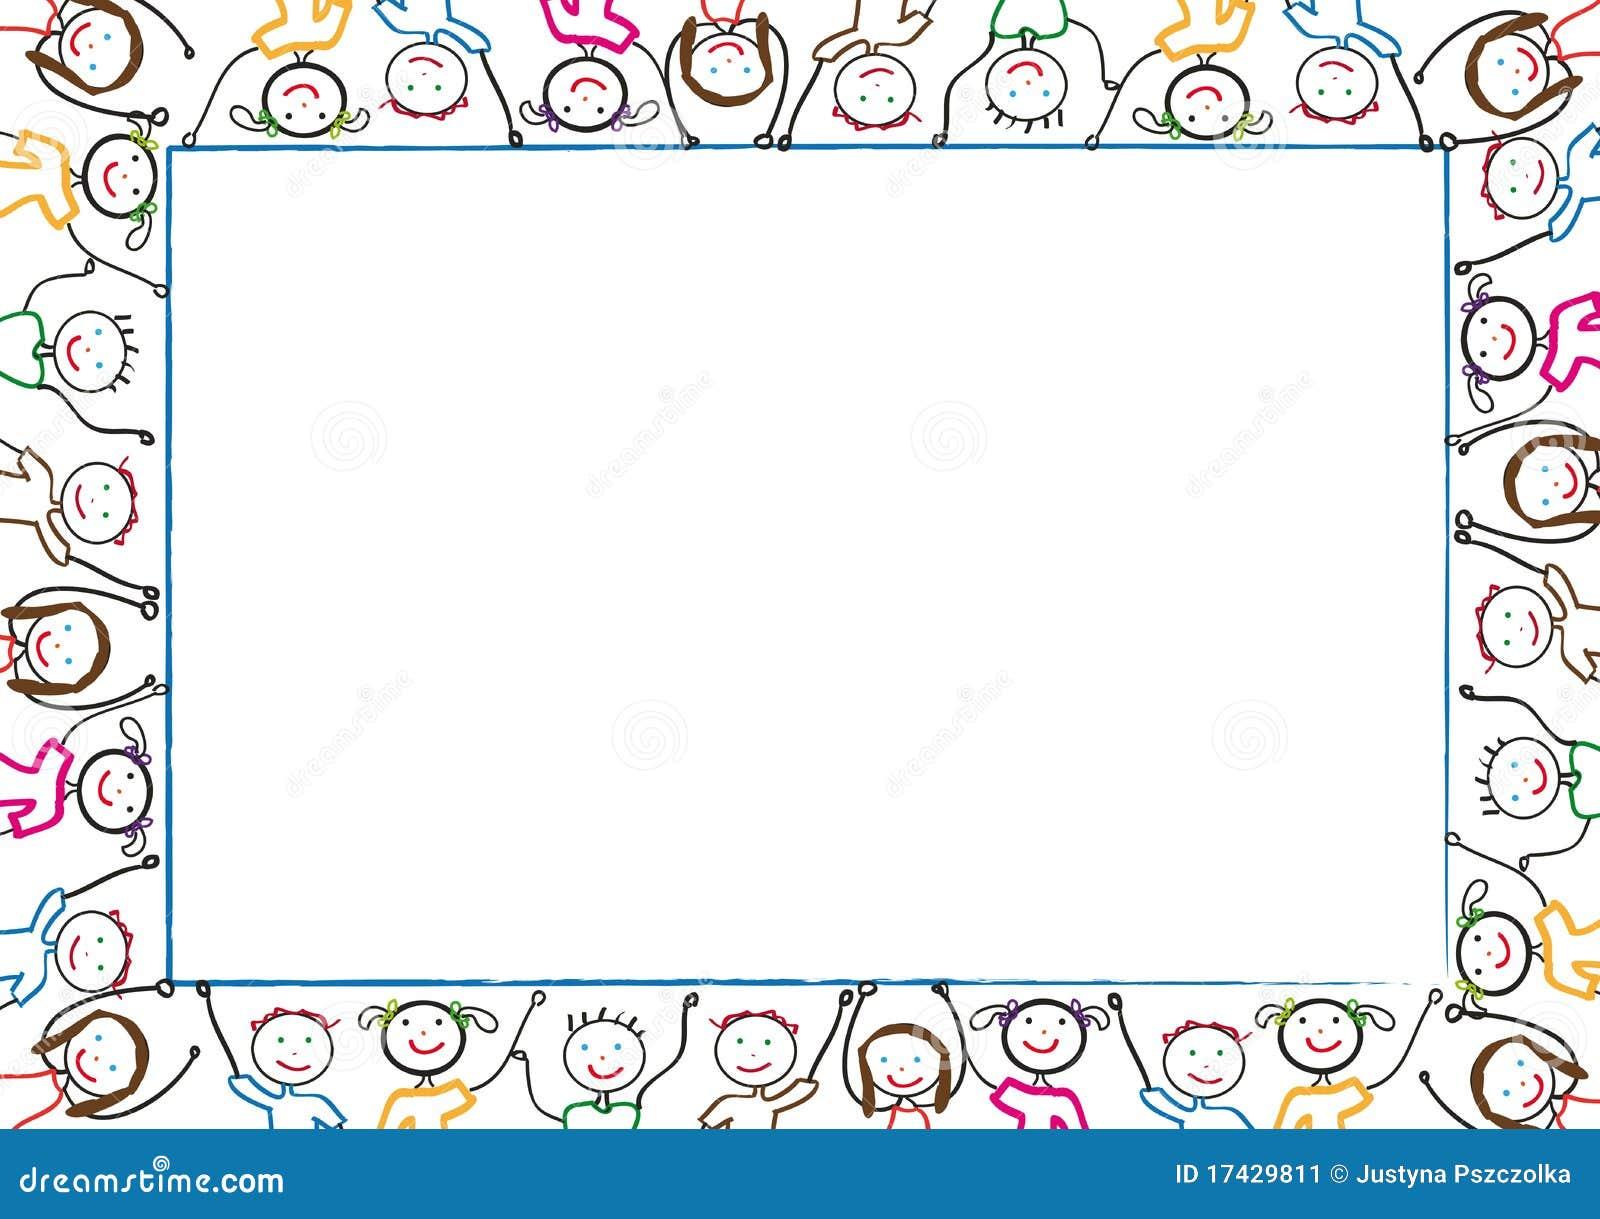 Kids Frames Online